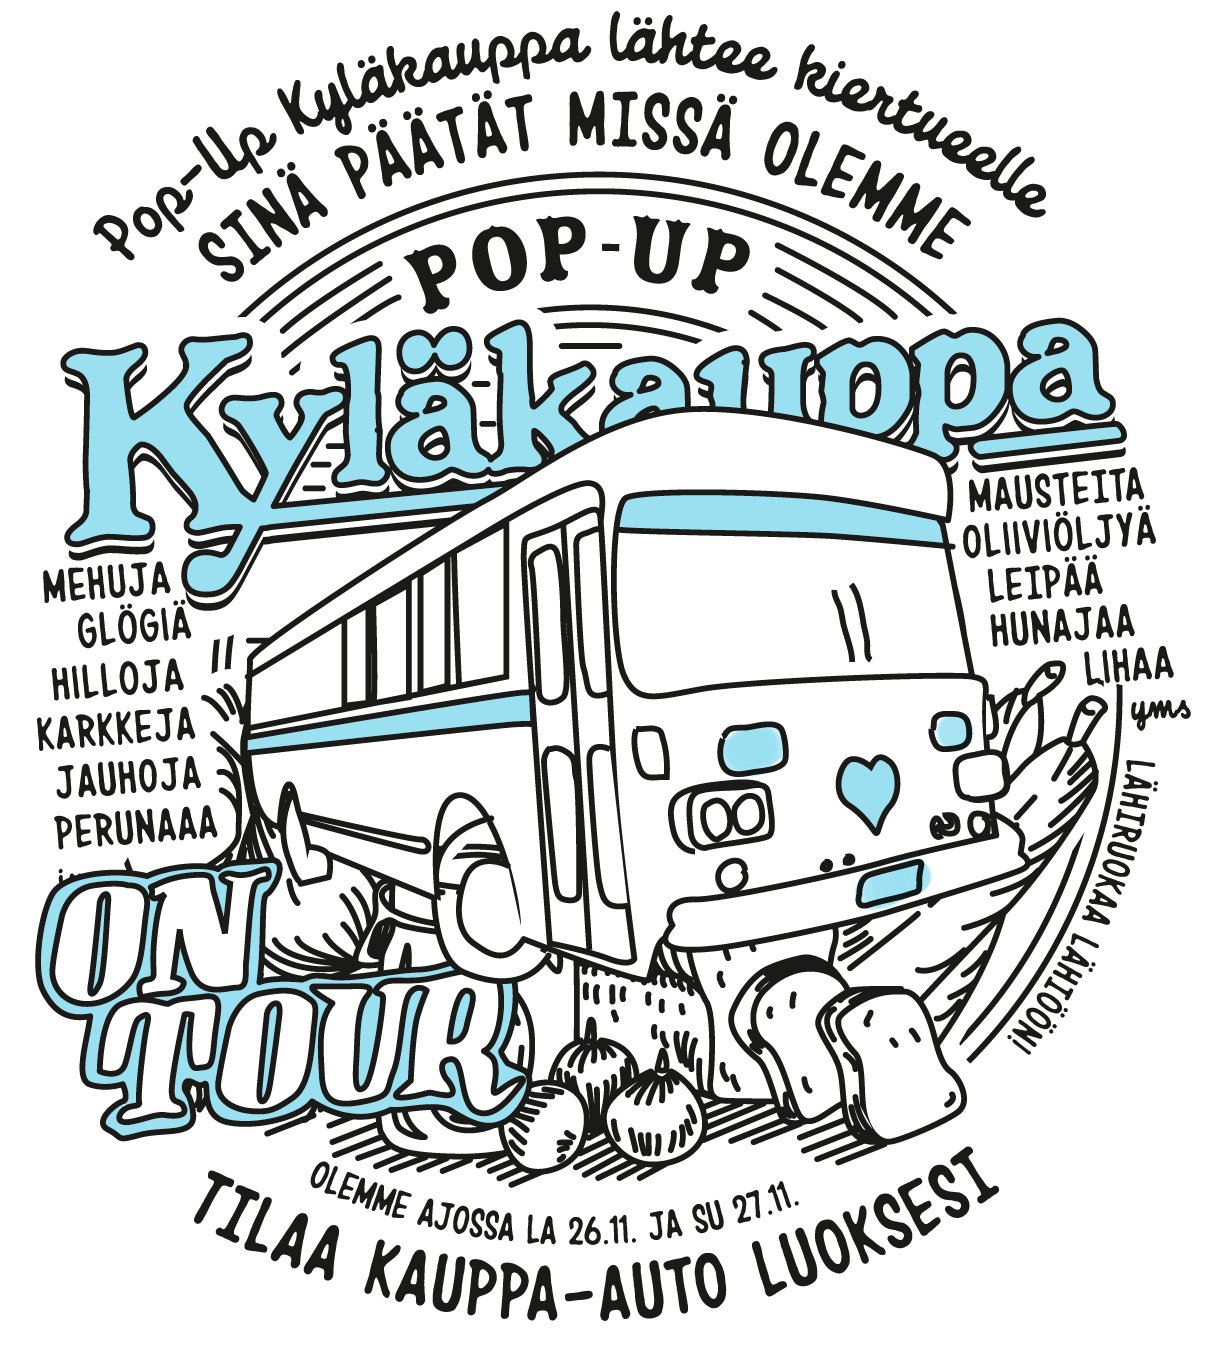 Kyläkauppa on tour